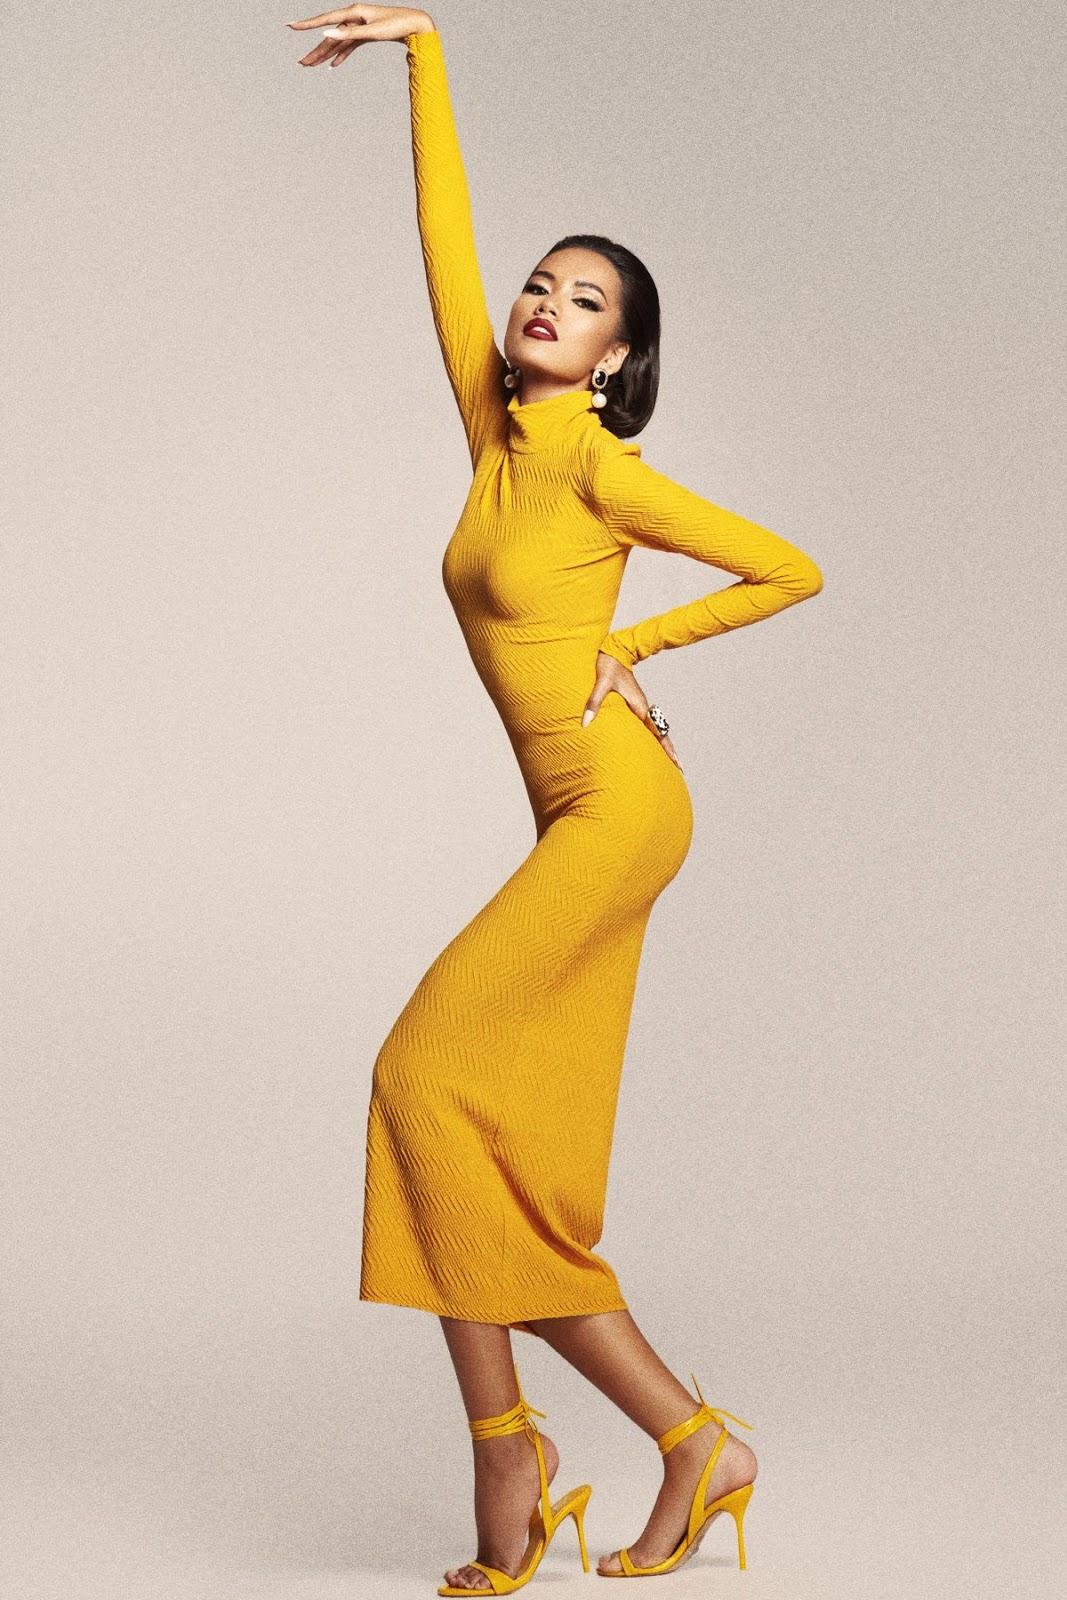 Ứng viên Hoa hậu Hoàn vũ Việt Nam 2019 - Hoàng Phương xuất thần trong hình ảnh mới - Hình 4